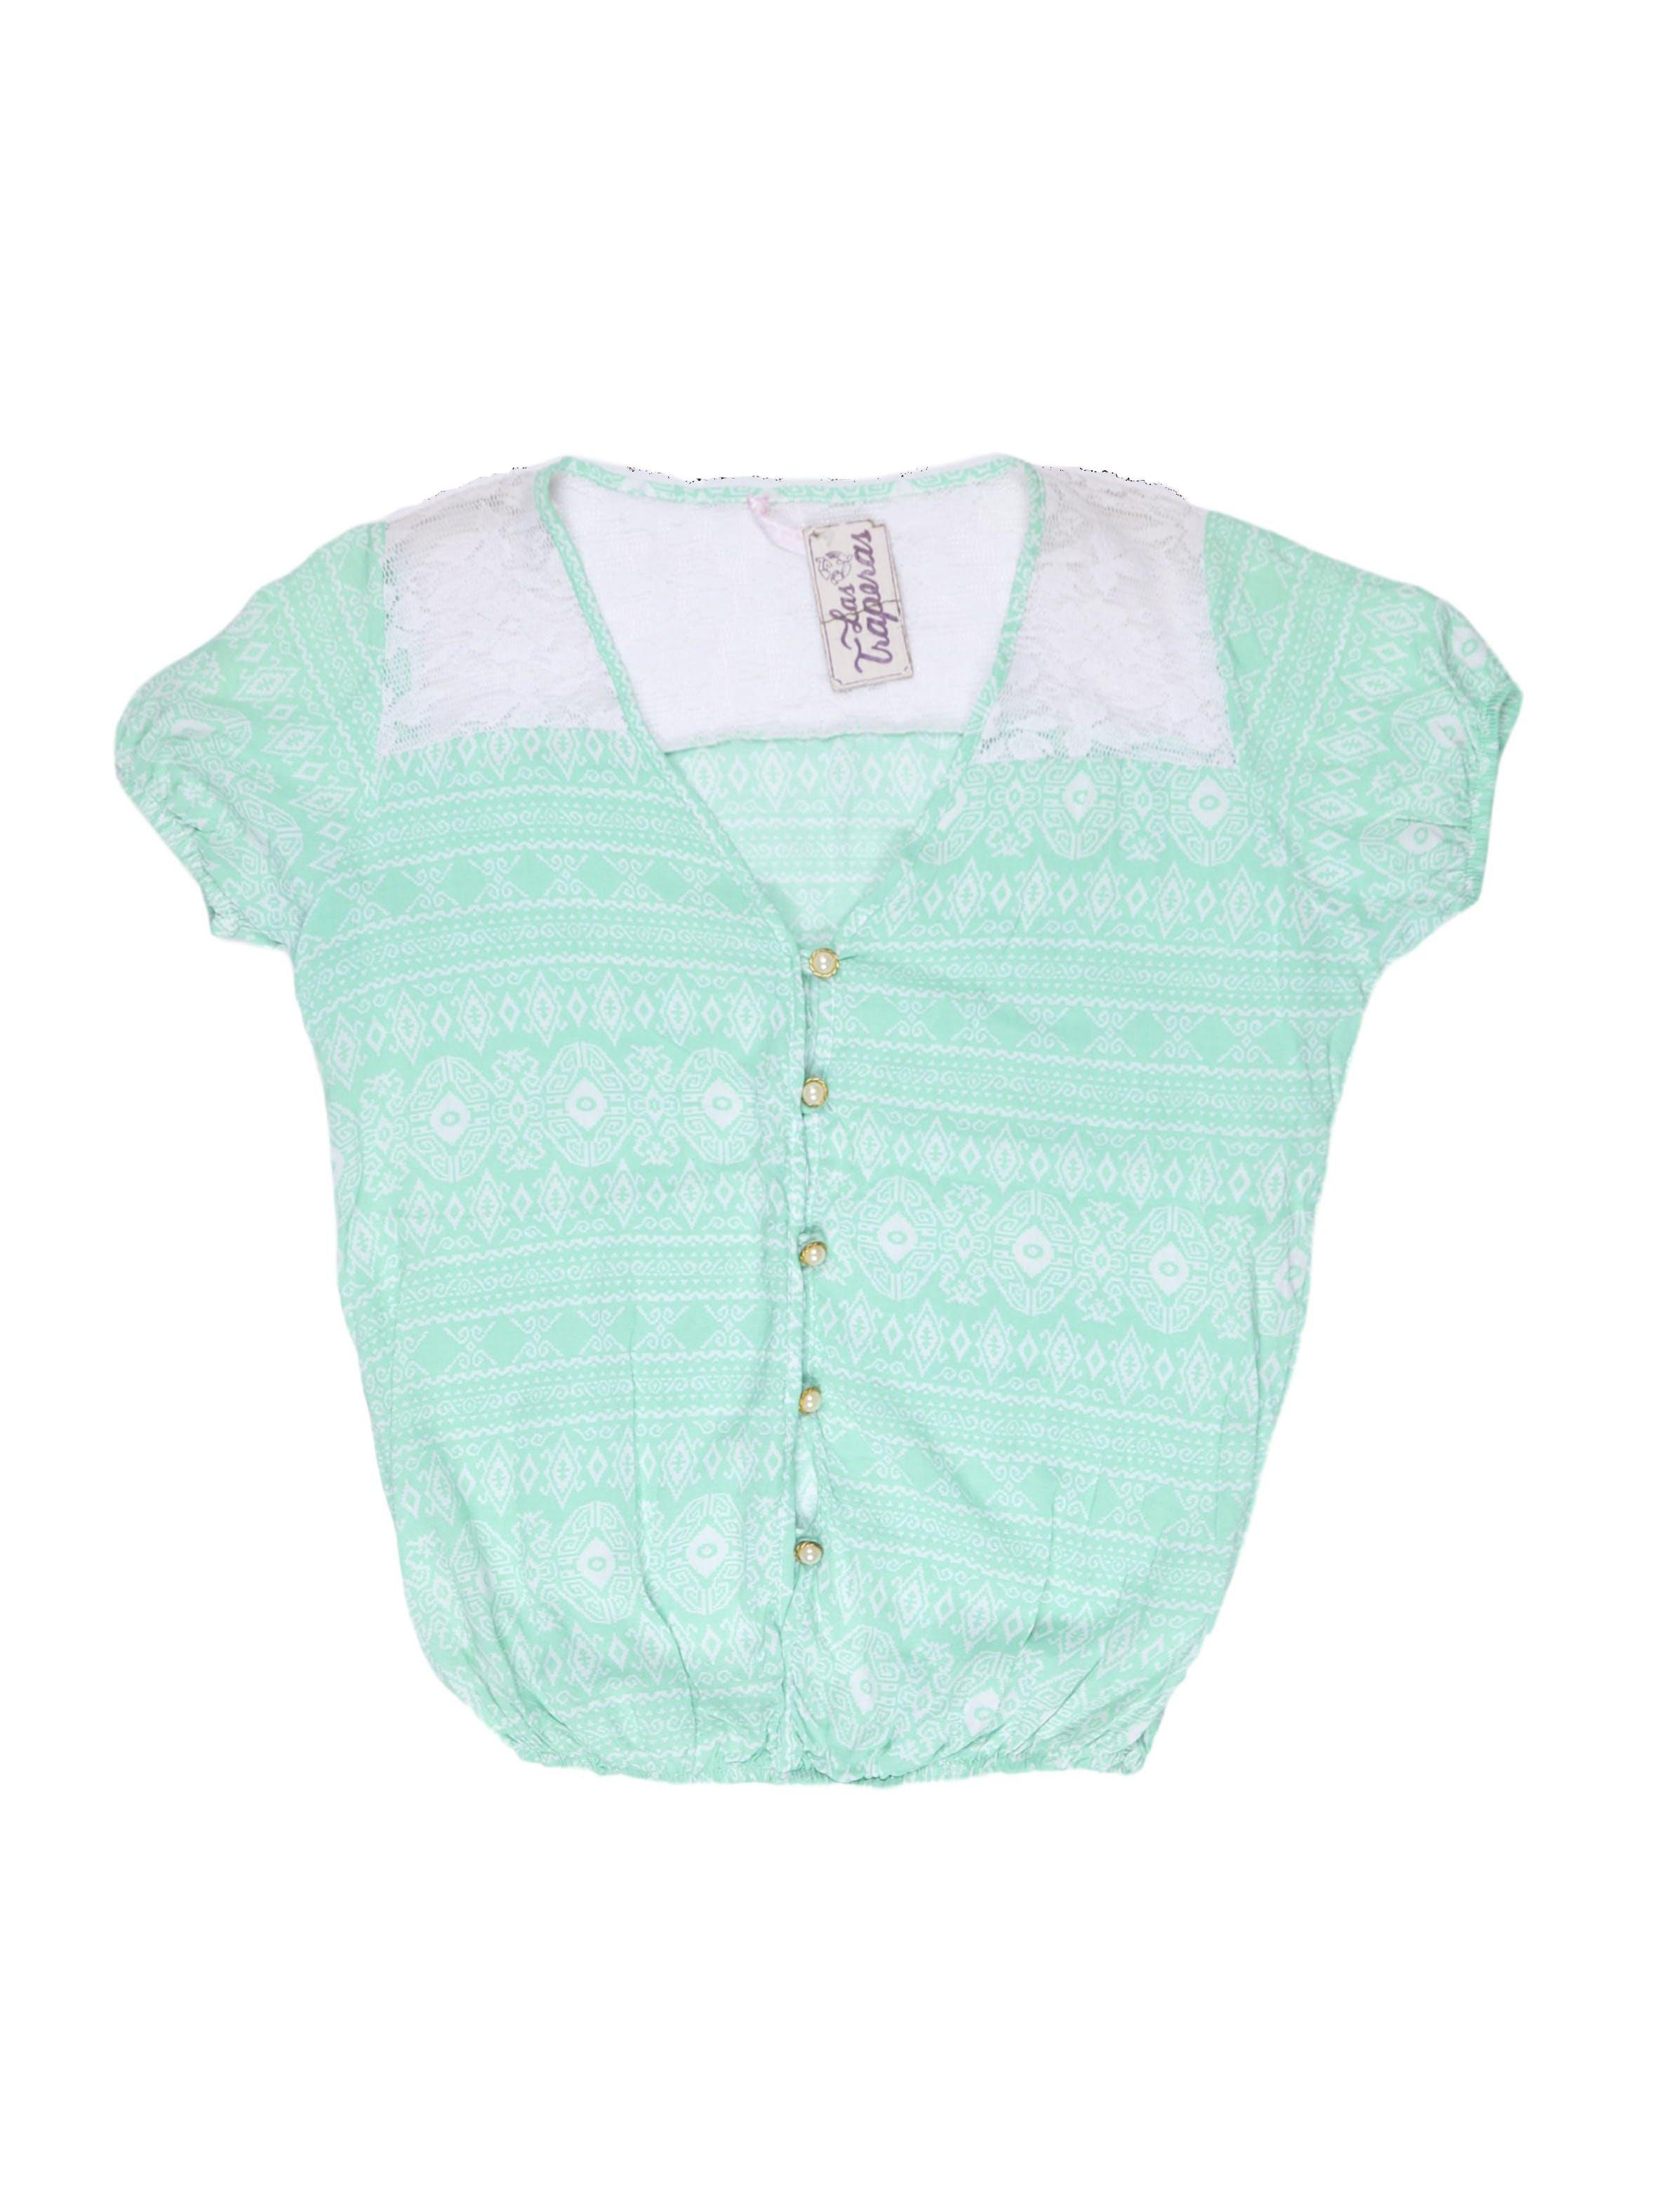 Blusa verde agua con estampado blanco, encaje en los hombros, escote en V con botones delanteros y elástico en la basta.